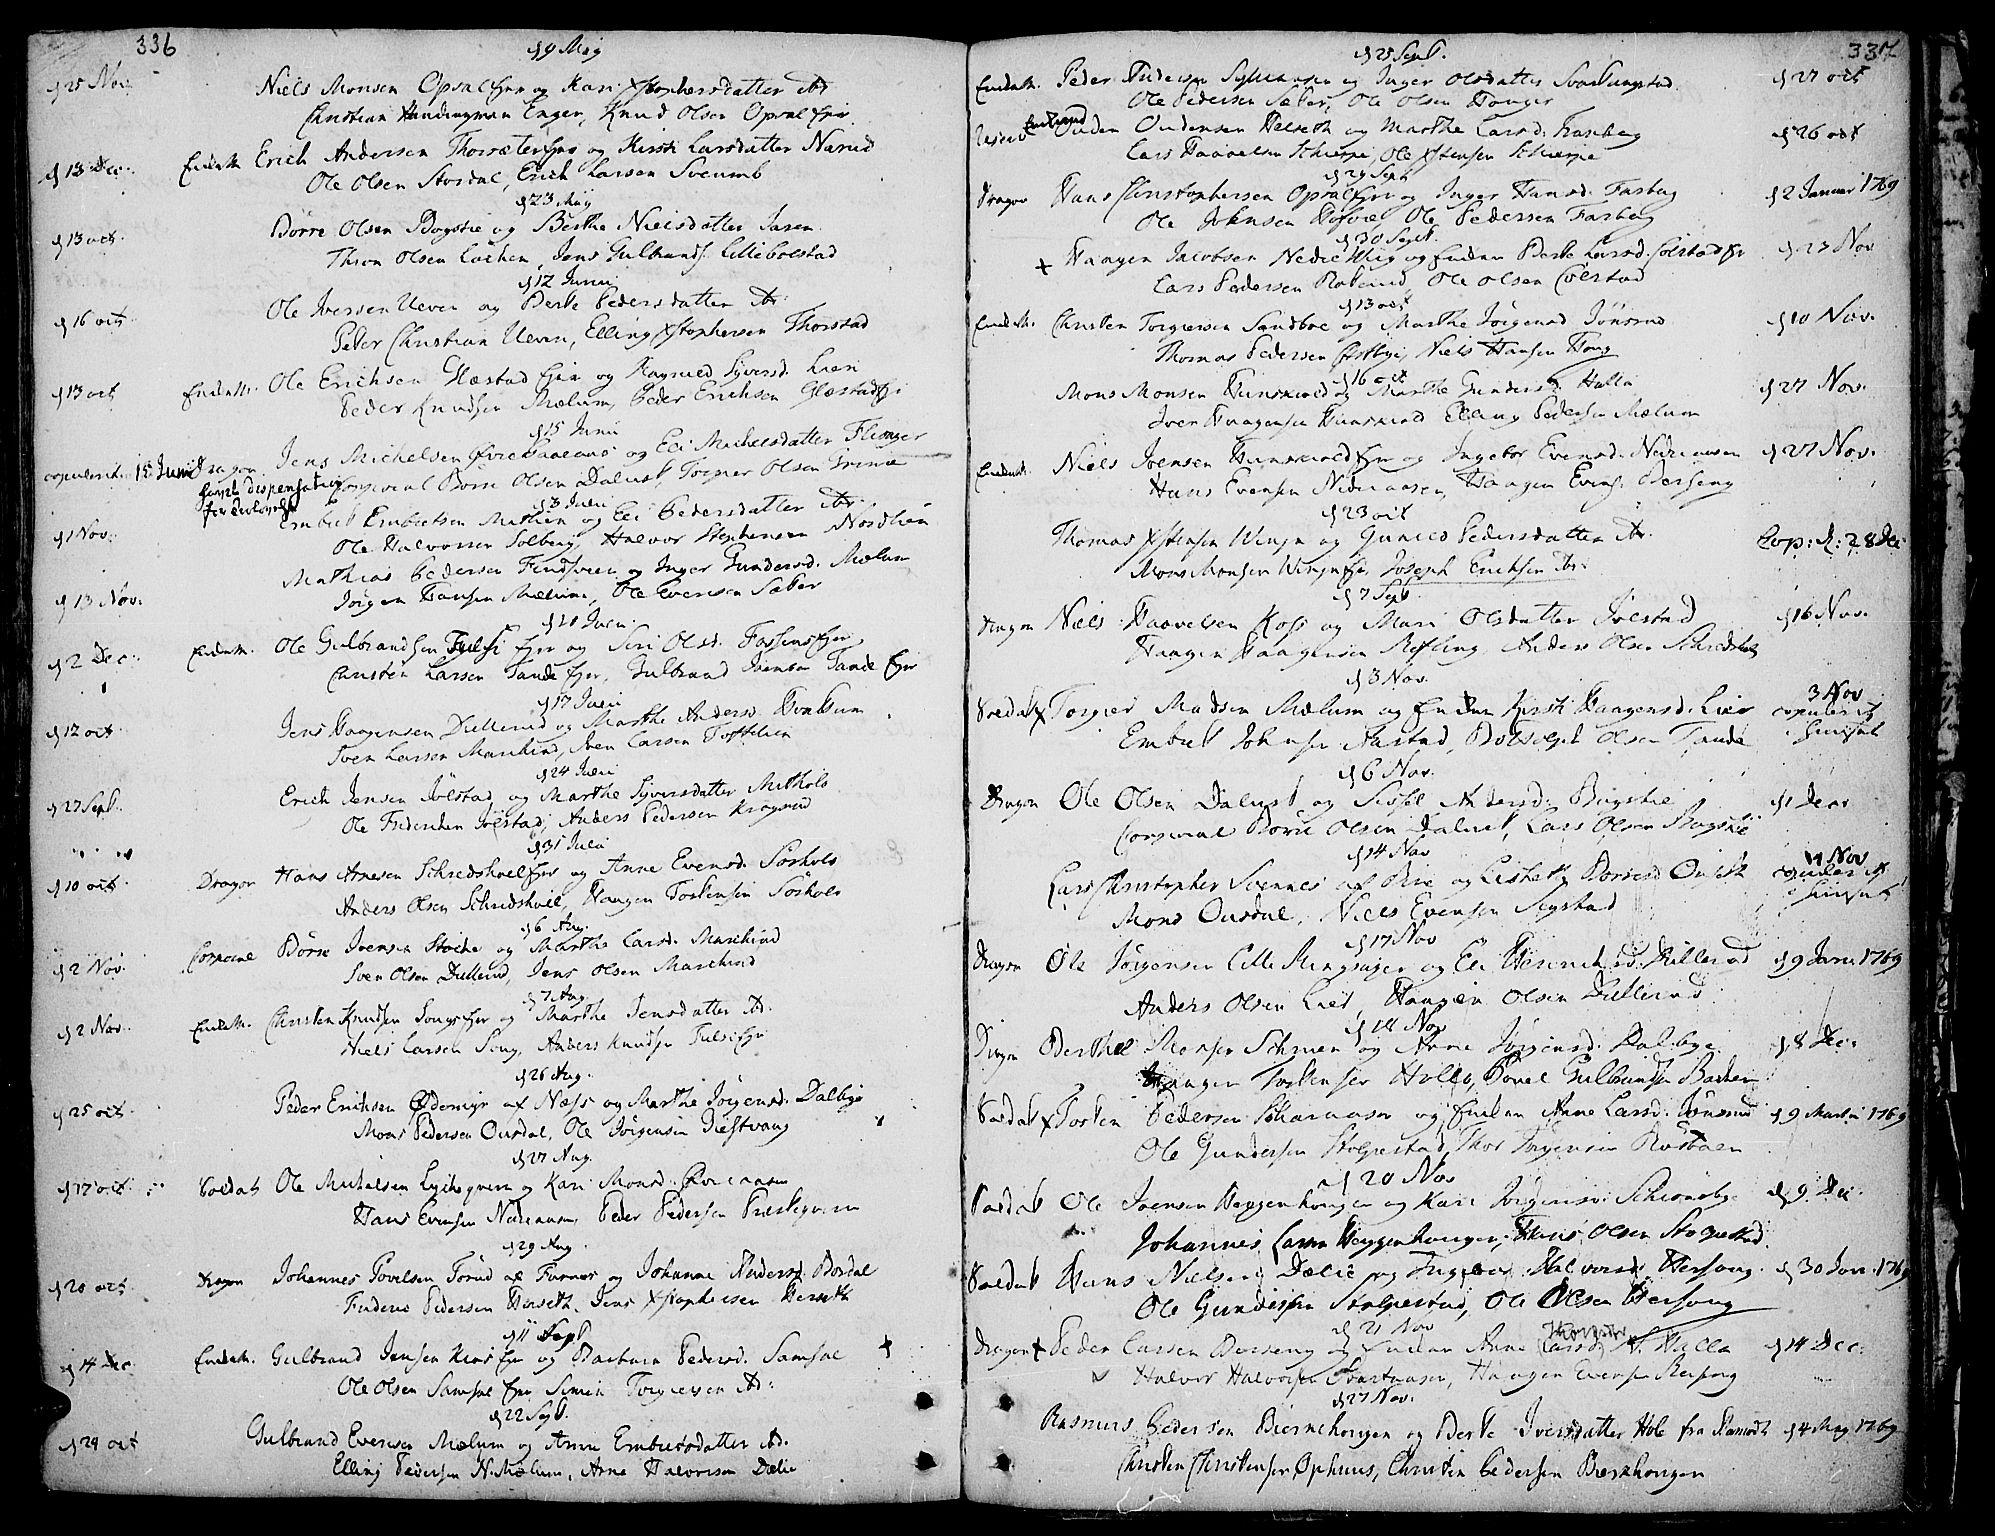 SAH, Ringsaker prestekontor, K/Ka/L0002: Ministerialbok nr. 2, 1747-1774, s. 336-337